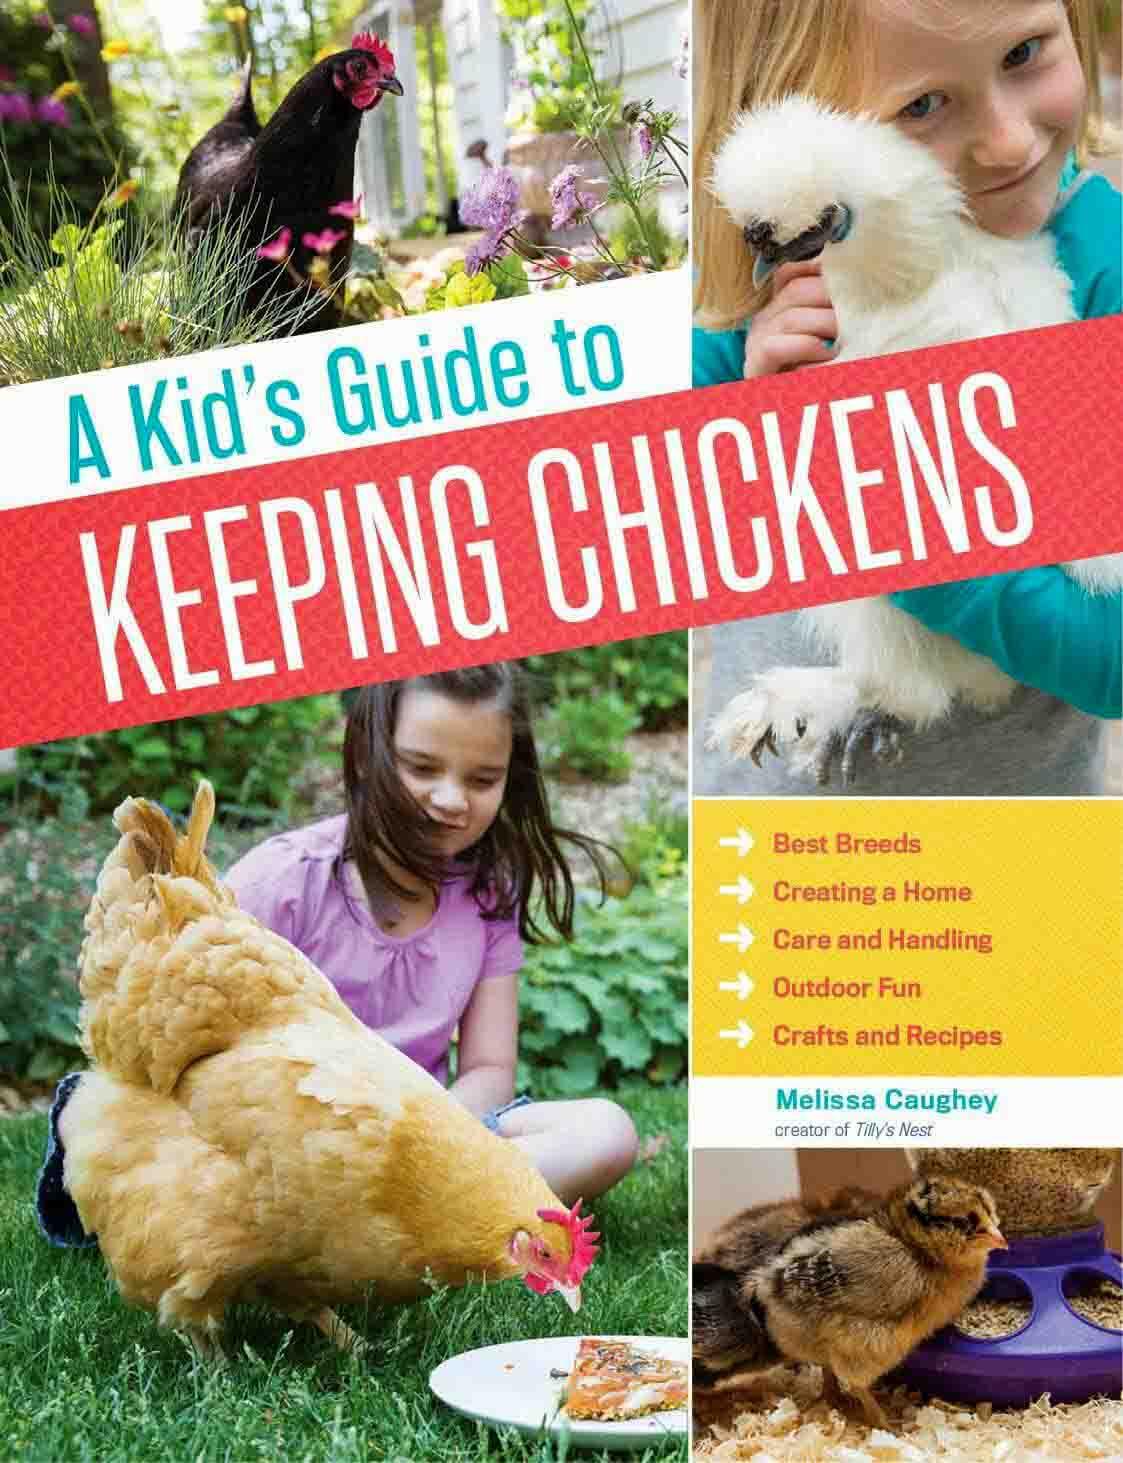 622418_KidsGuideKeepingChickens_CVR_SPINE-11